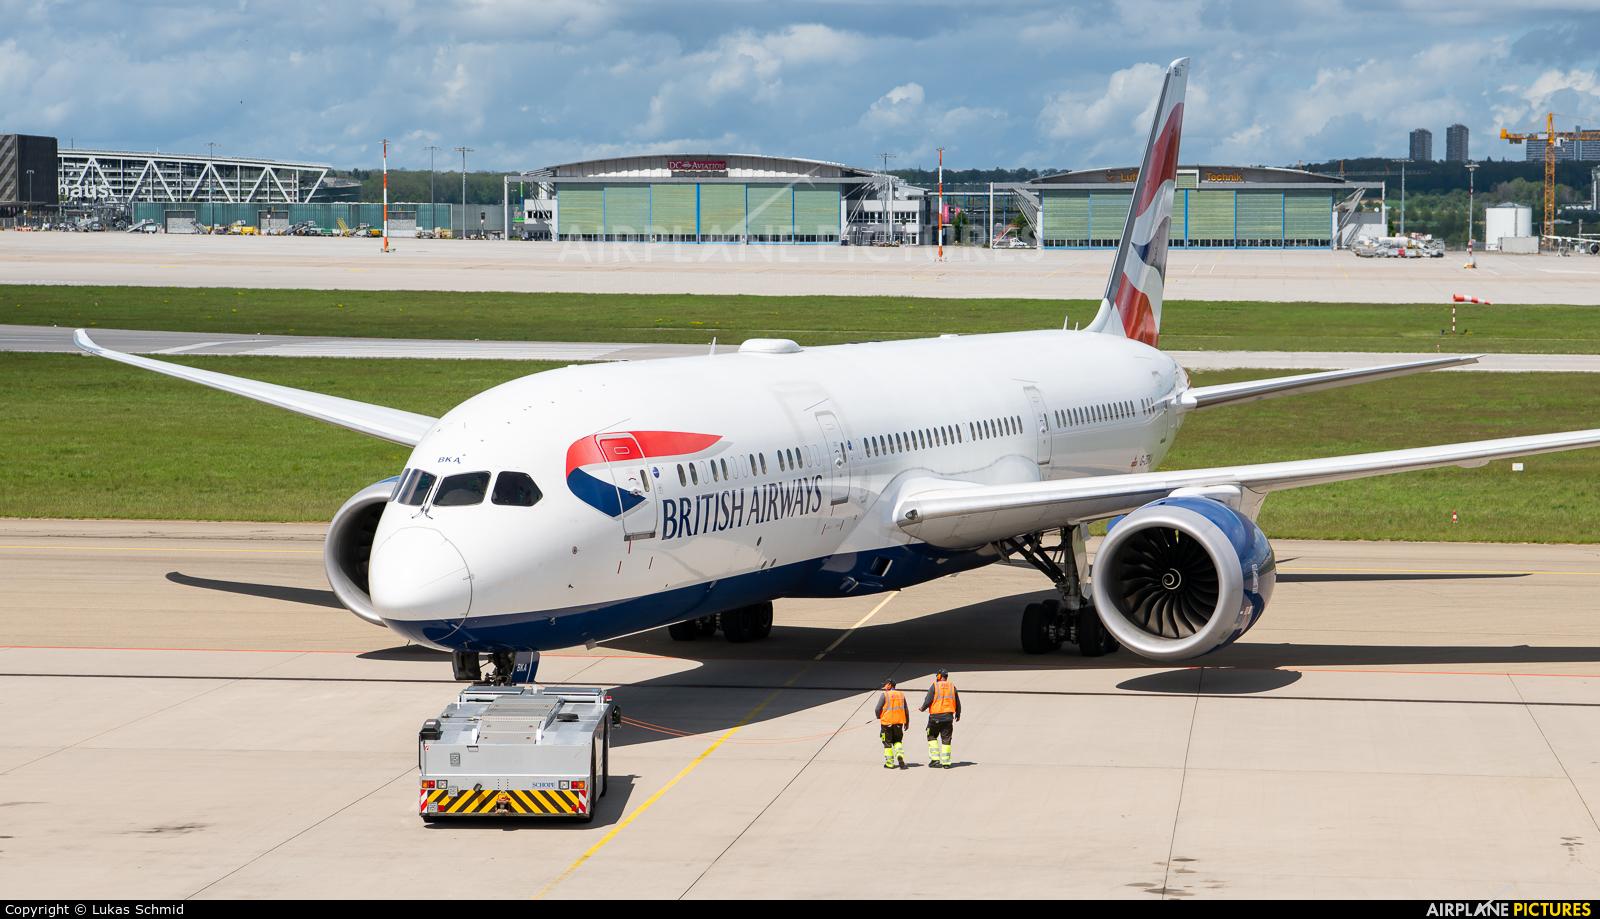 British Airways G-ZBKA aircraft at Stuttgart